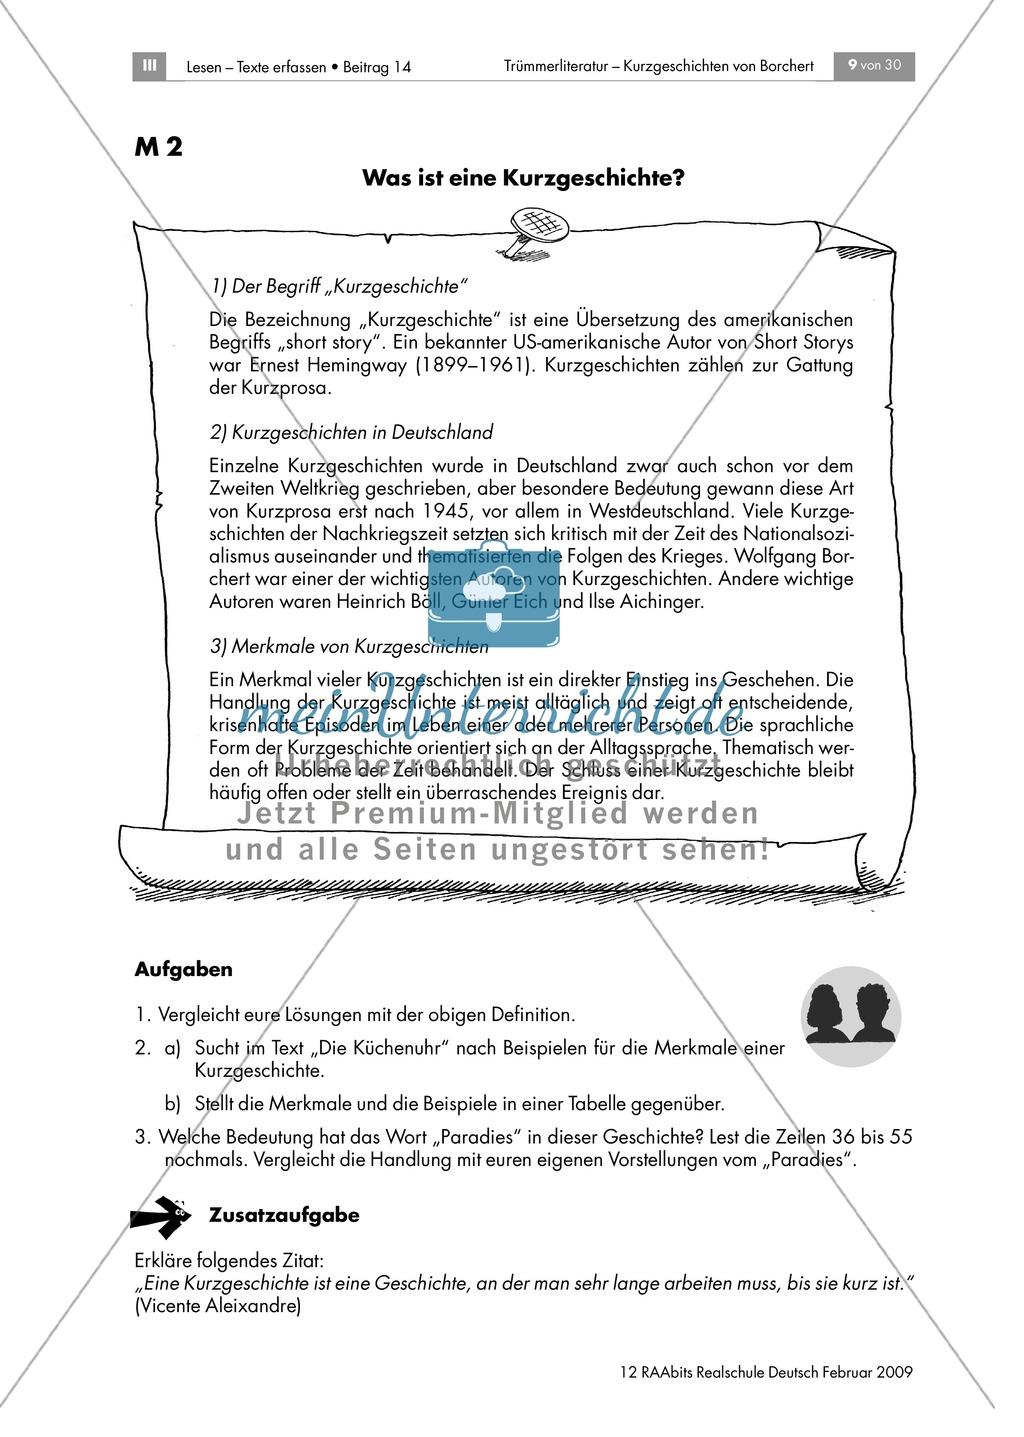 Arbeitsblatt Interpretation Kurzgeschichte : Merkmale einer kurzgeschichte anhand von borcherts quot die